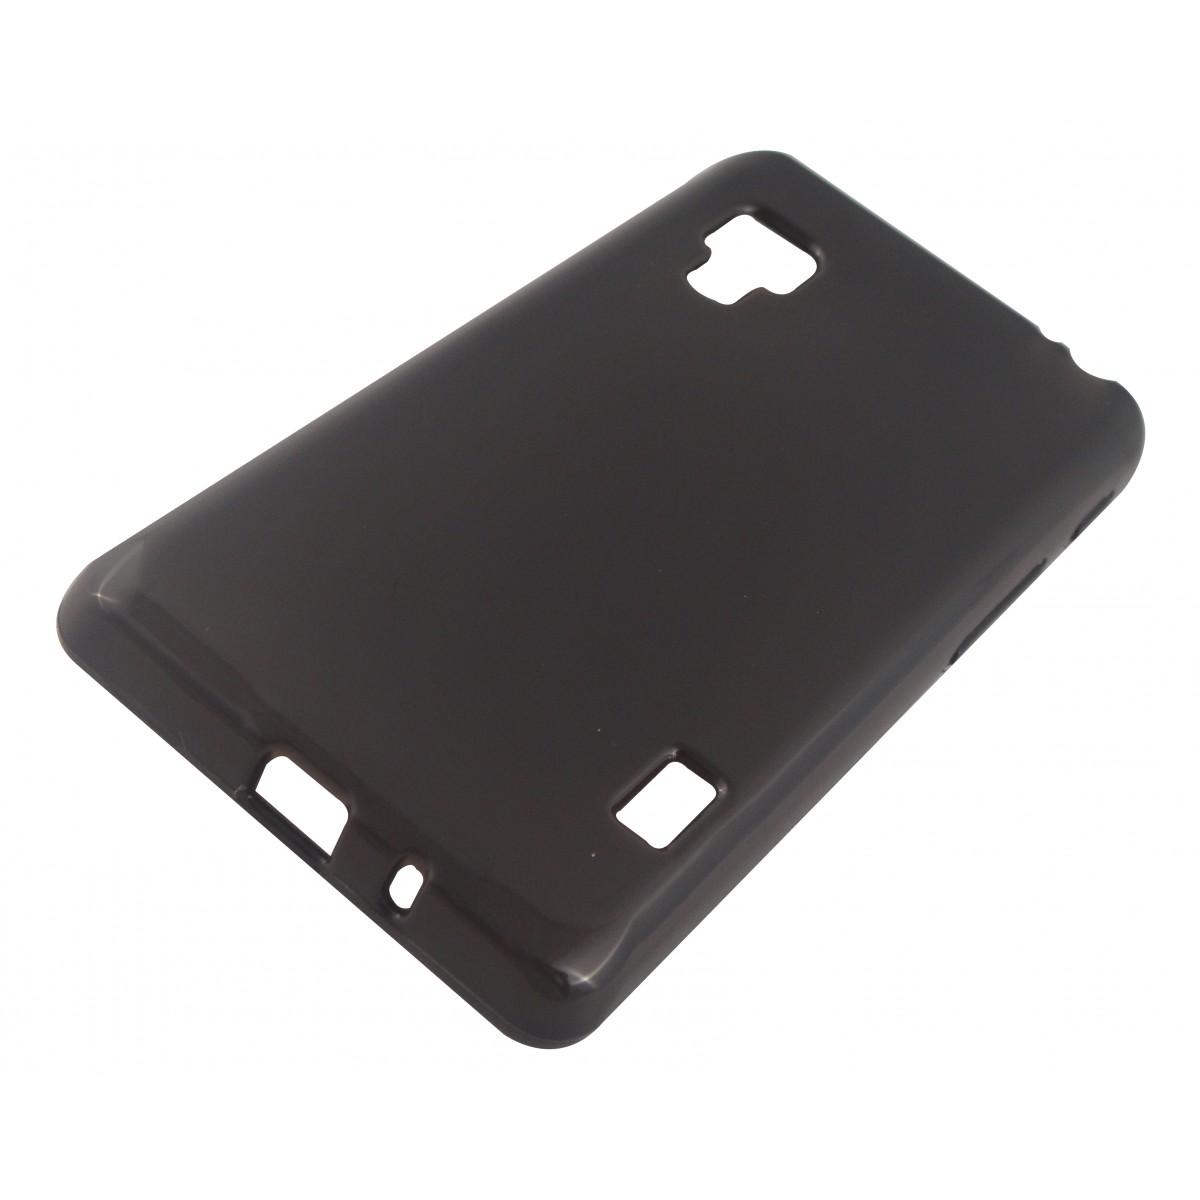 Capa TPU Grafite LG Optimus II L5 E455 + Película Flexível